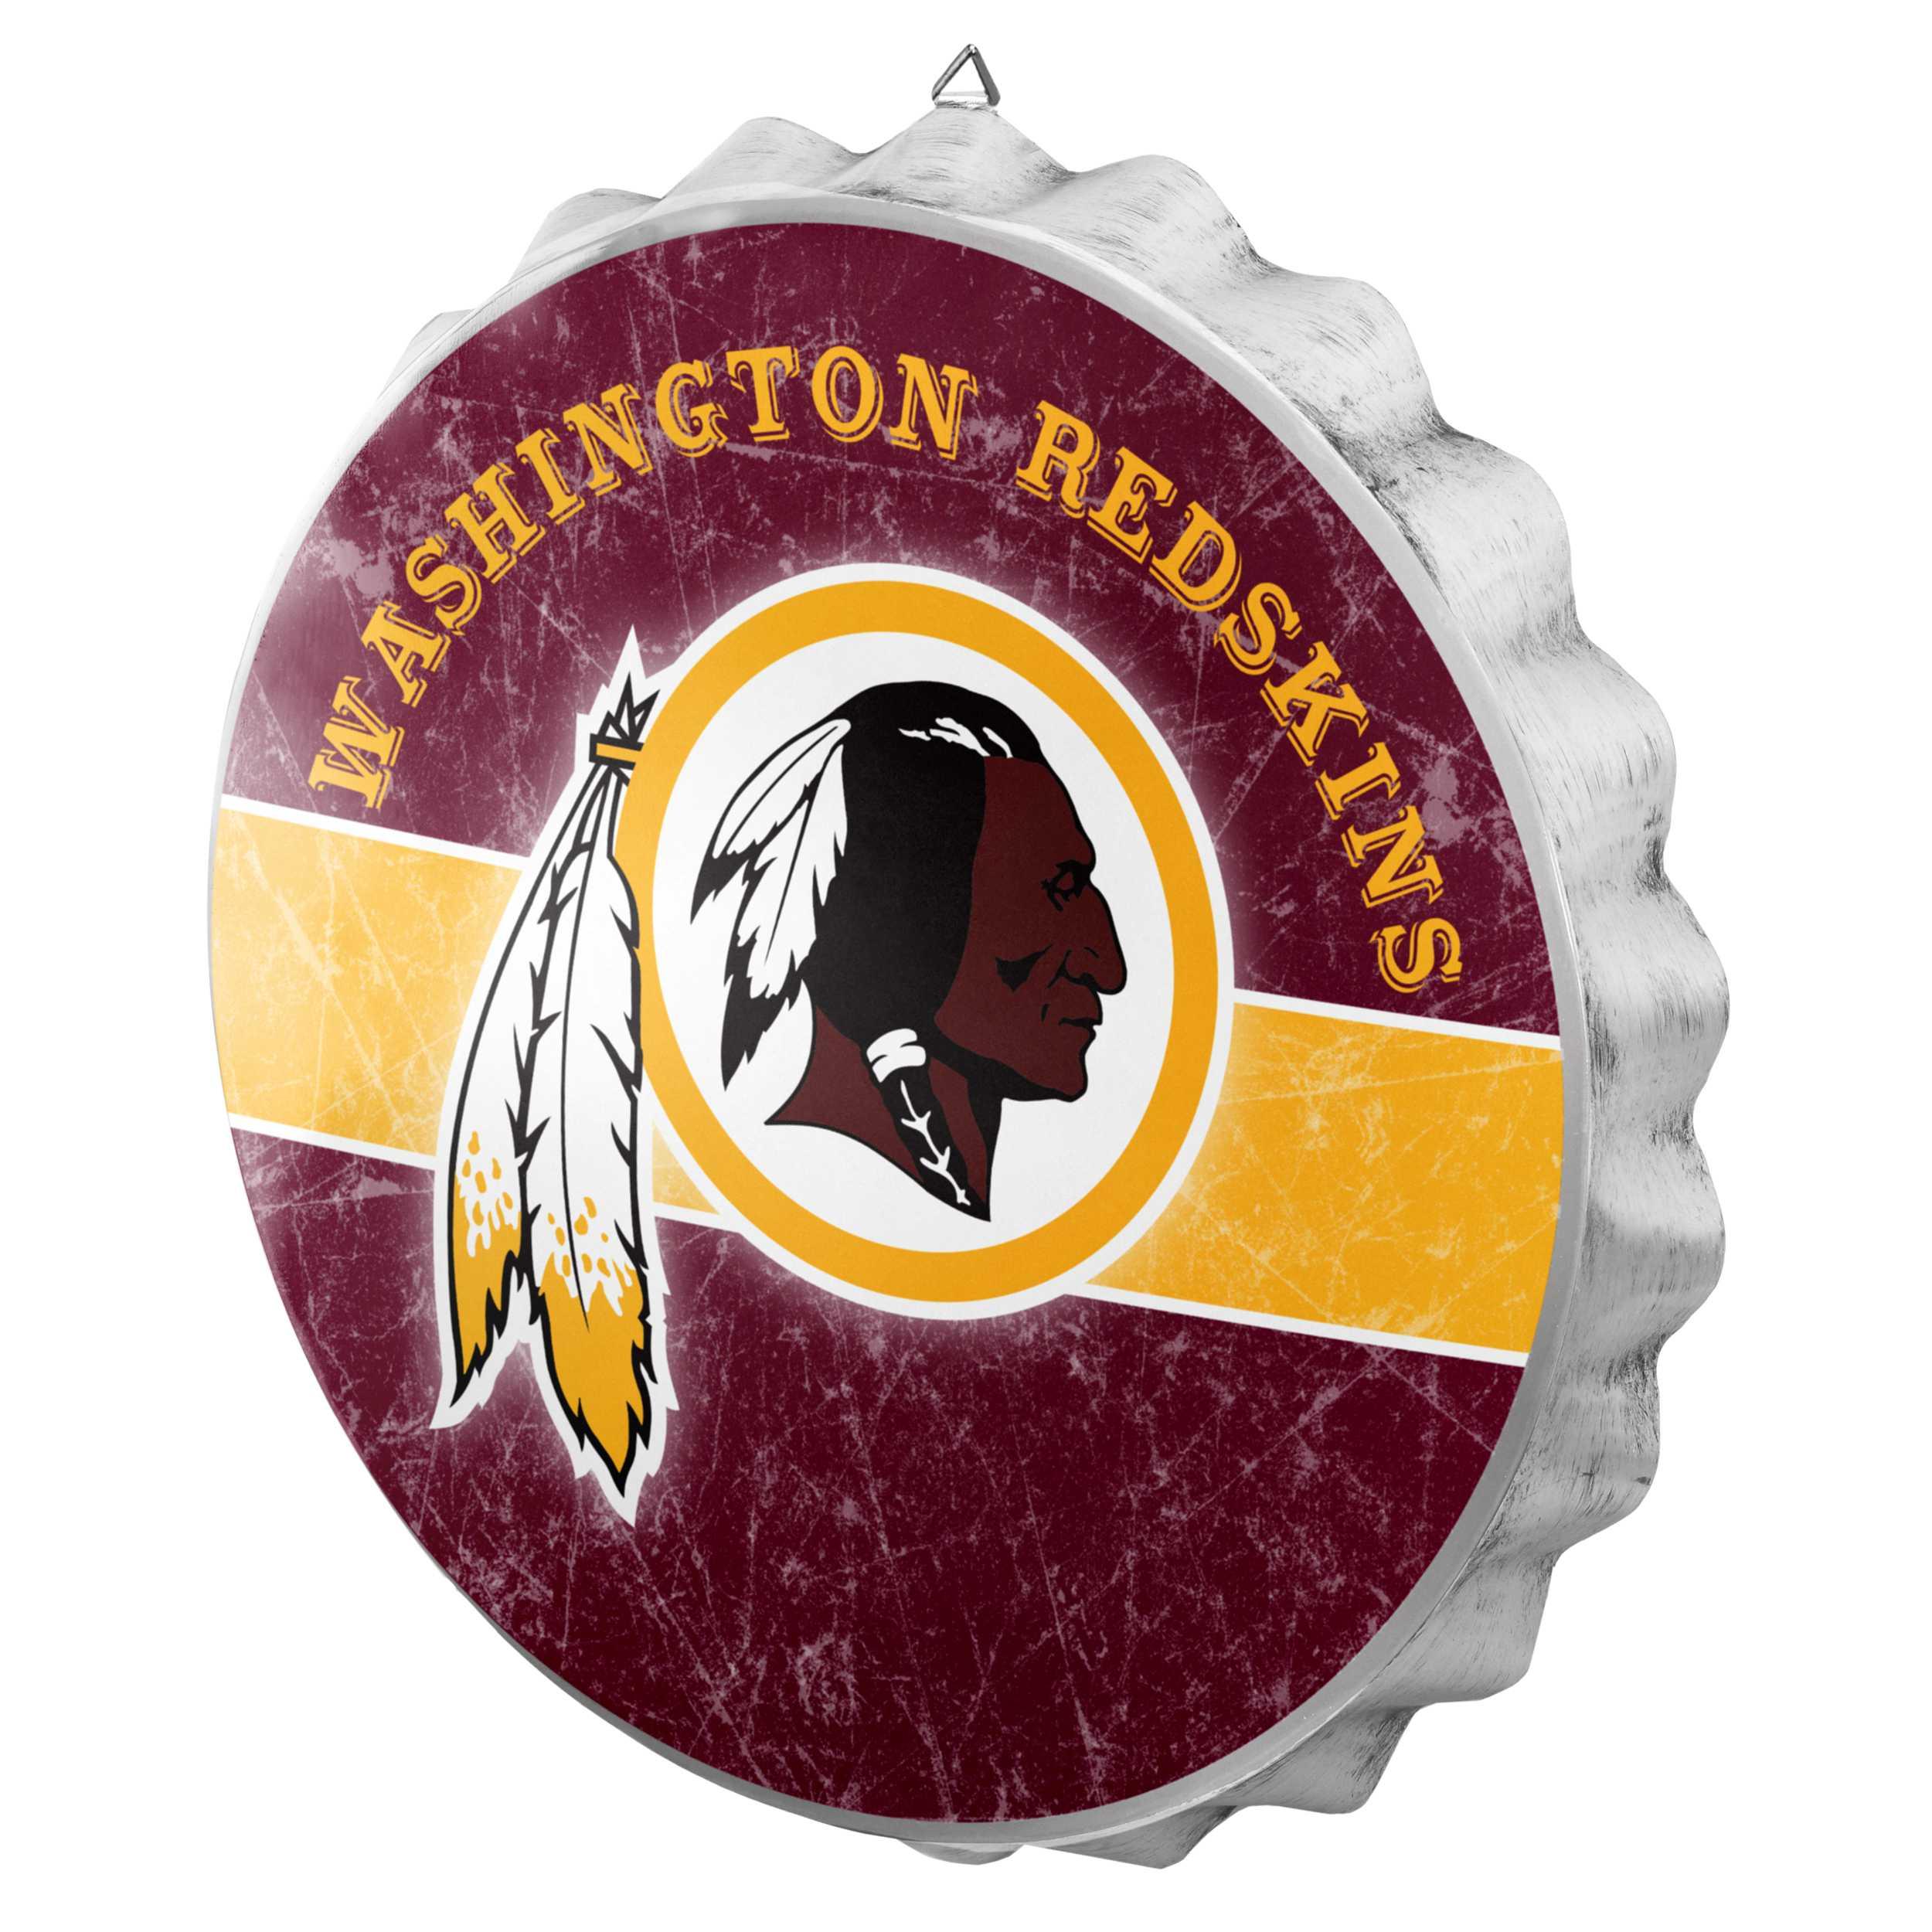 Metal Distressed Bottle Cap Sign-Washington Redskins